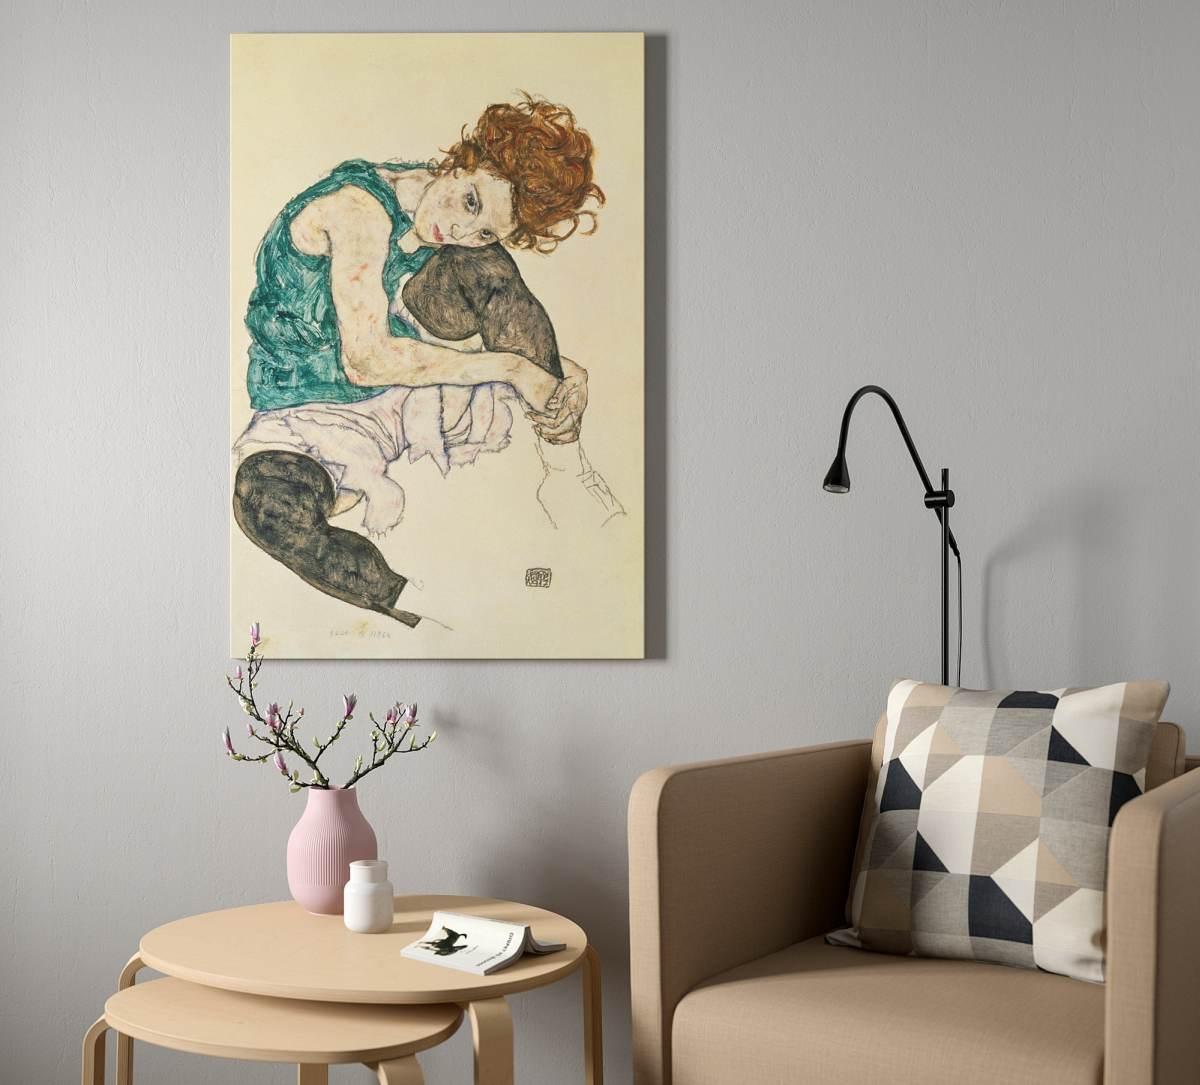 quadro-stampa-su-tela-ikea-noir-ragazza-seduta-acquerelli-colori-tenui